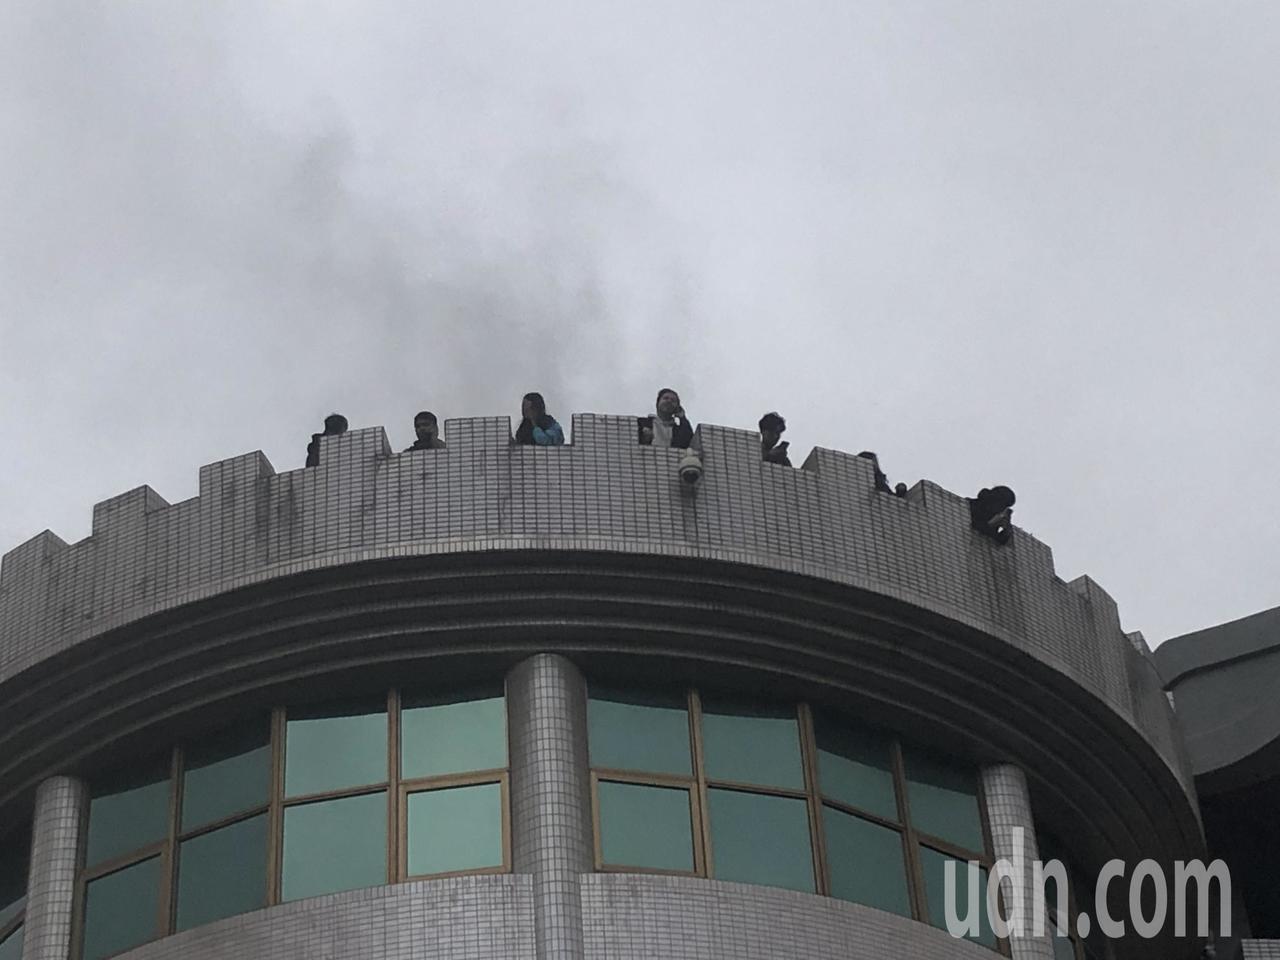 中國文化大學大典館5樓下午發生火警,疑似有16人受困頂樓,無安全顧慮,目前消防隊...